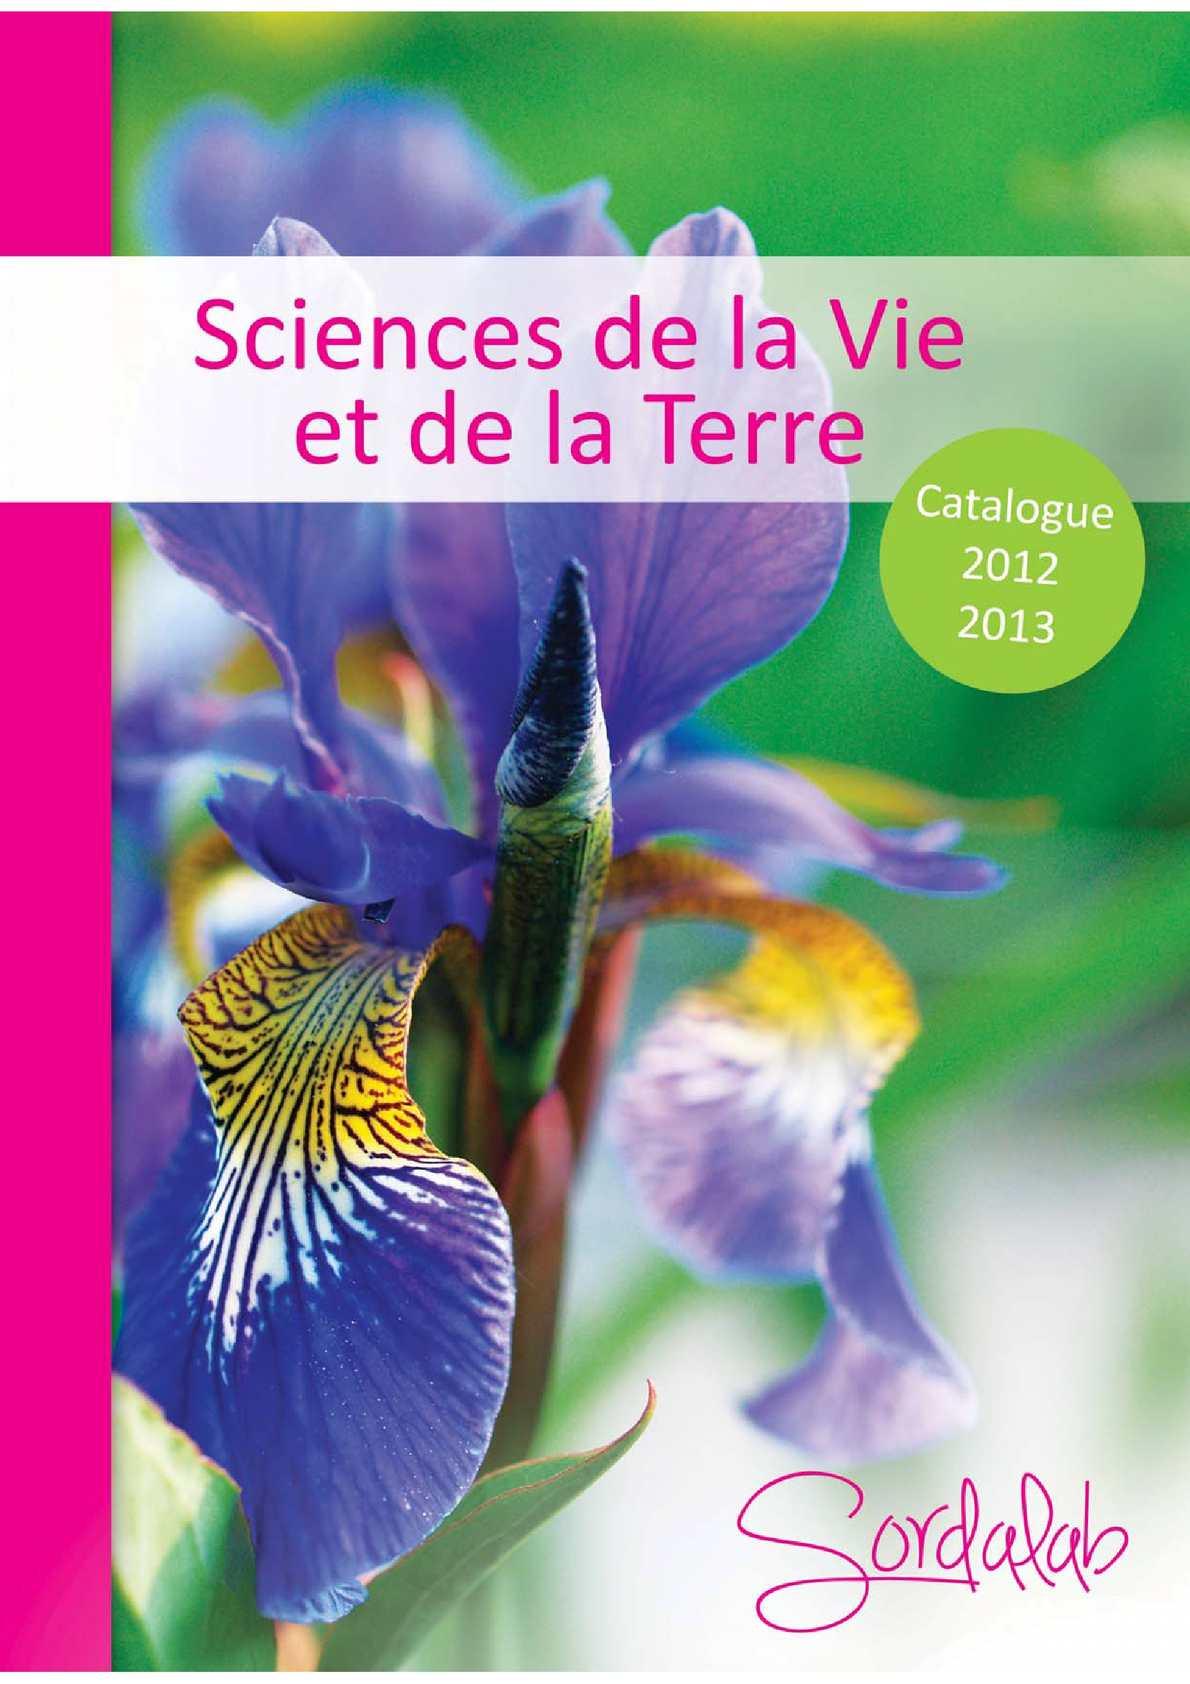 Calamo Catalogue SVT Sordalab 2012 2013